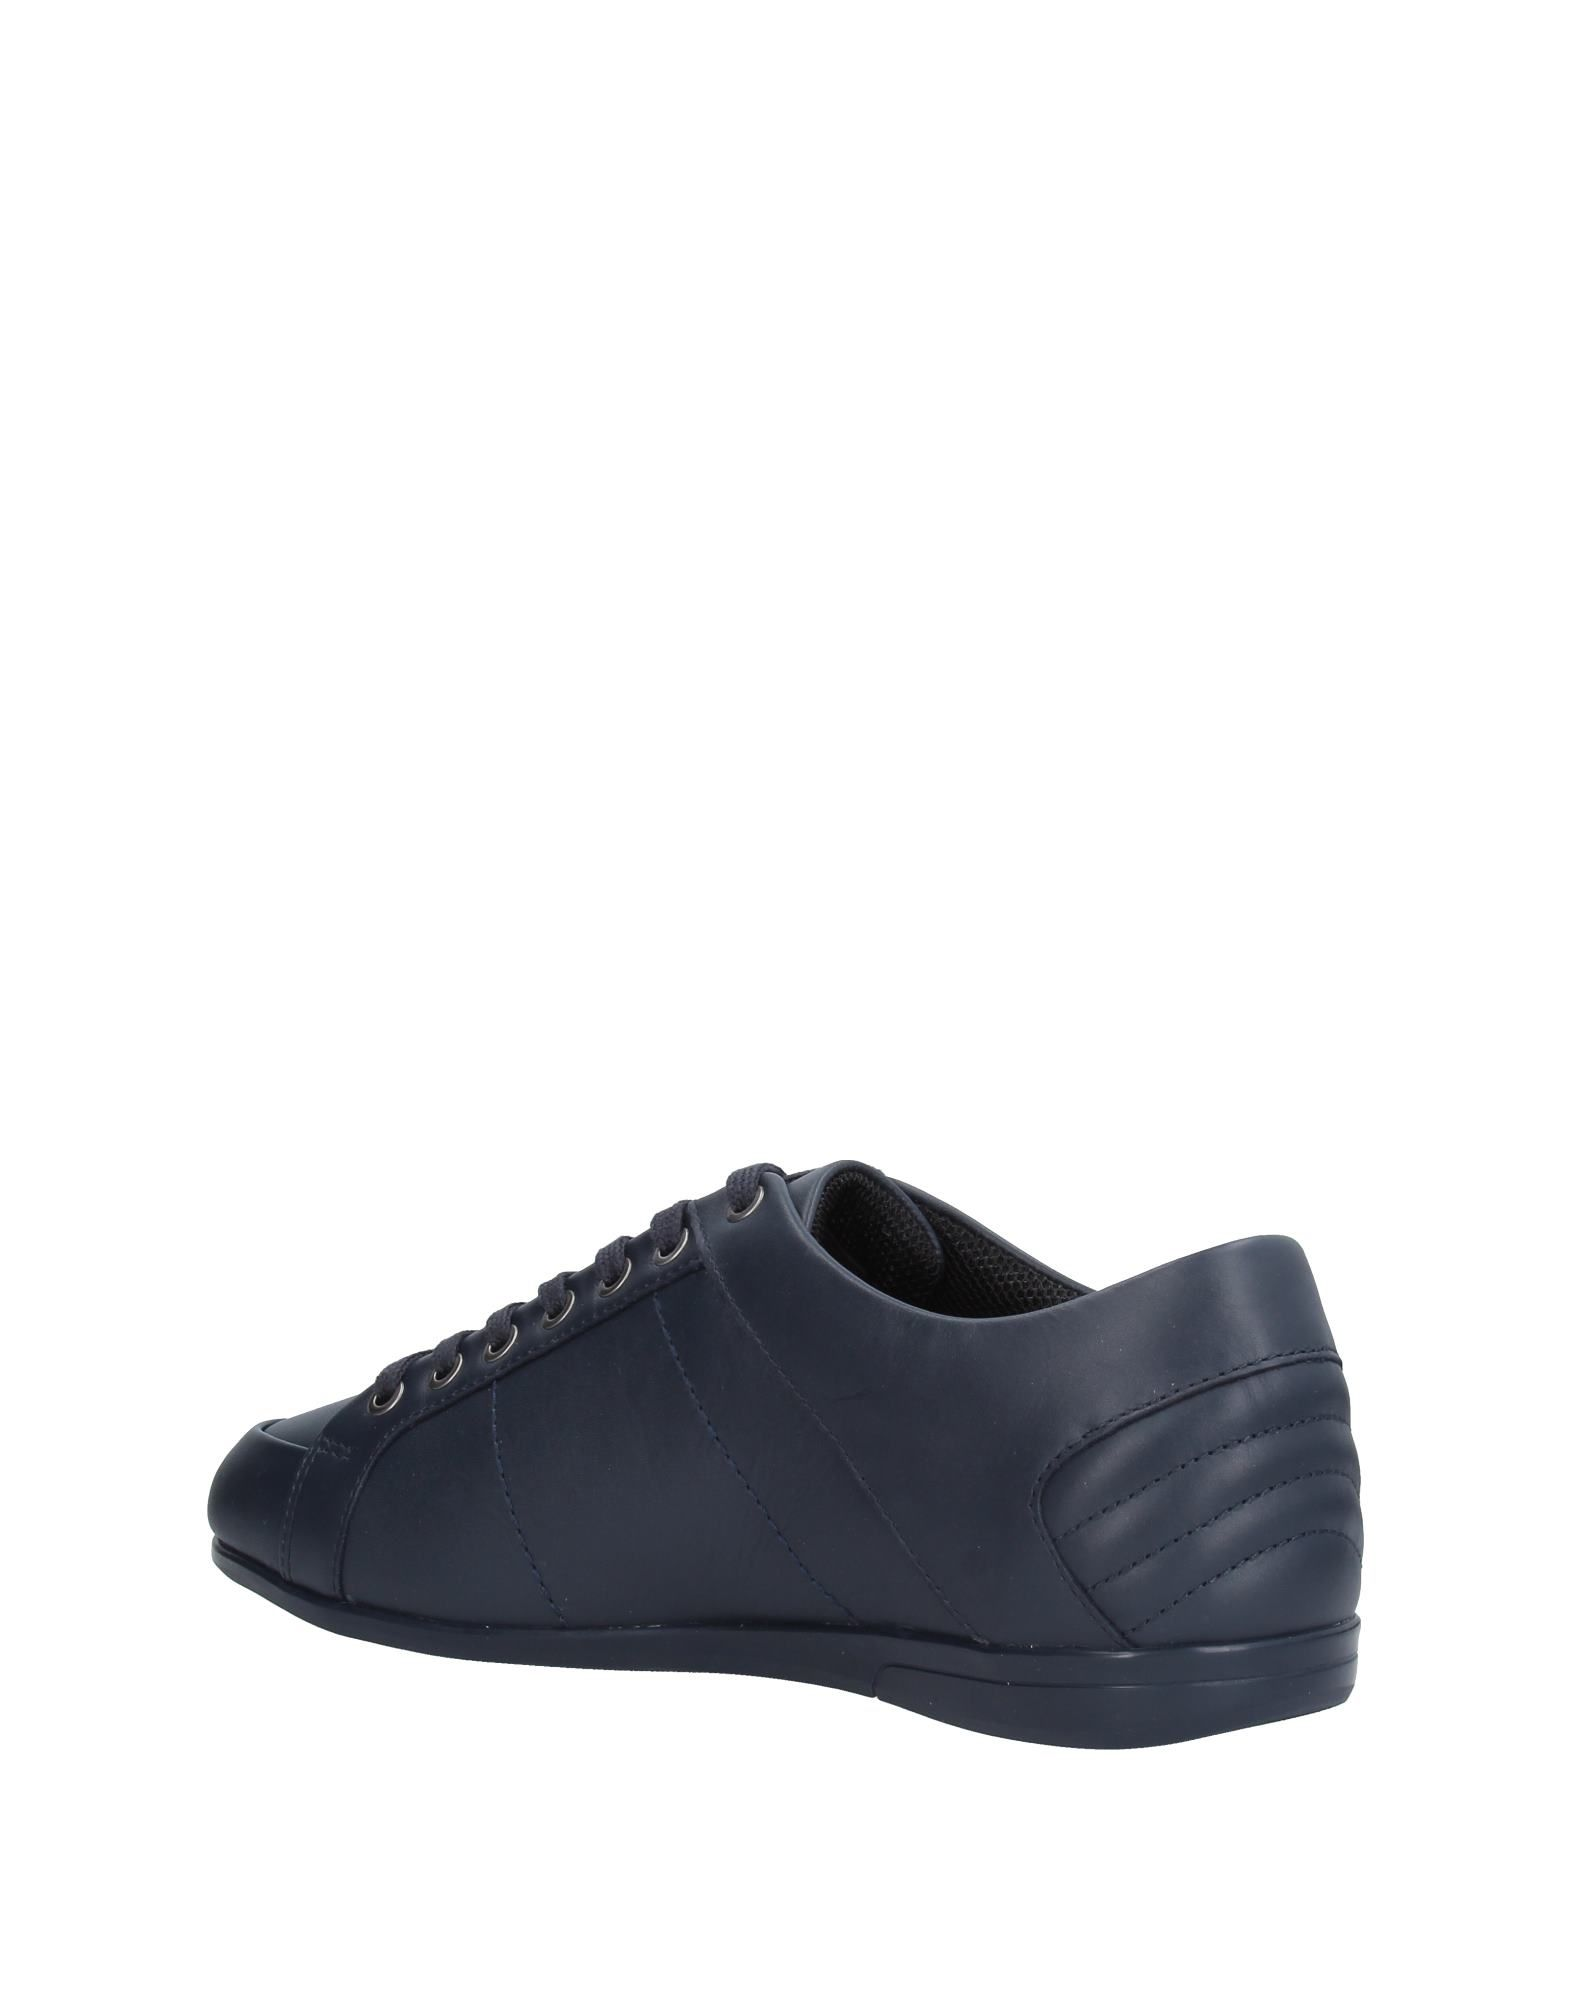 Versace Collection Sneakers Herren Neue  11227775HJ Neue Herren Schuhe ccf50f